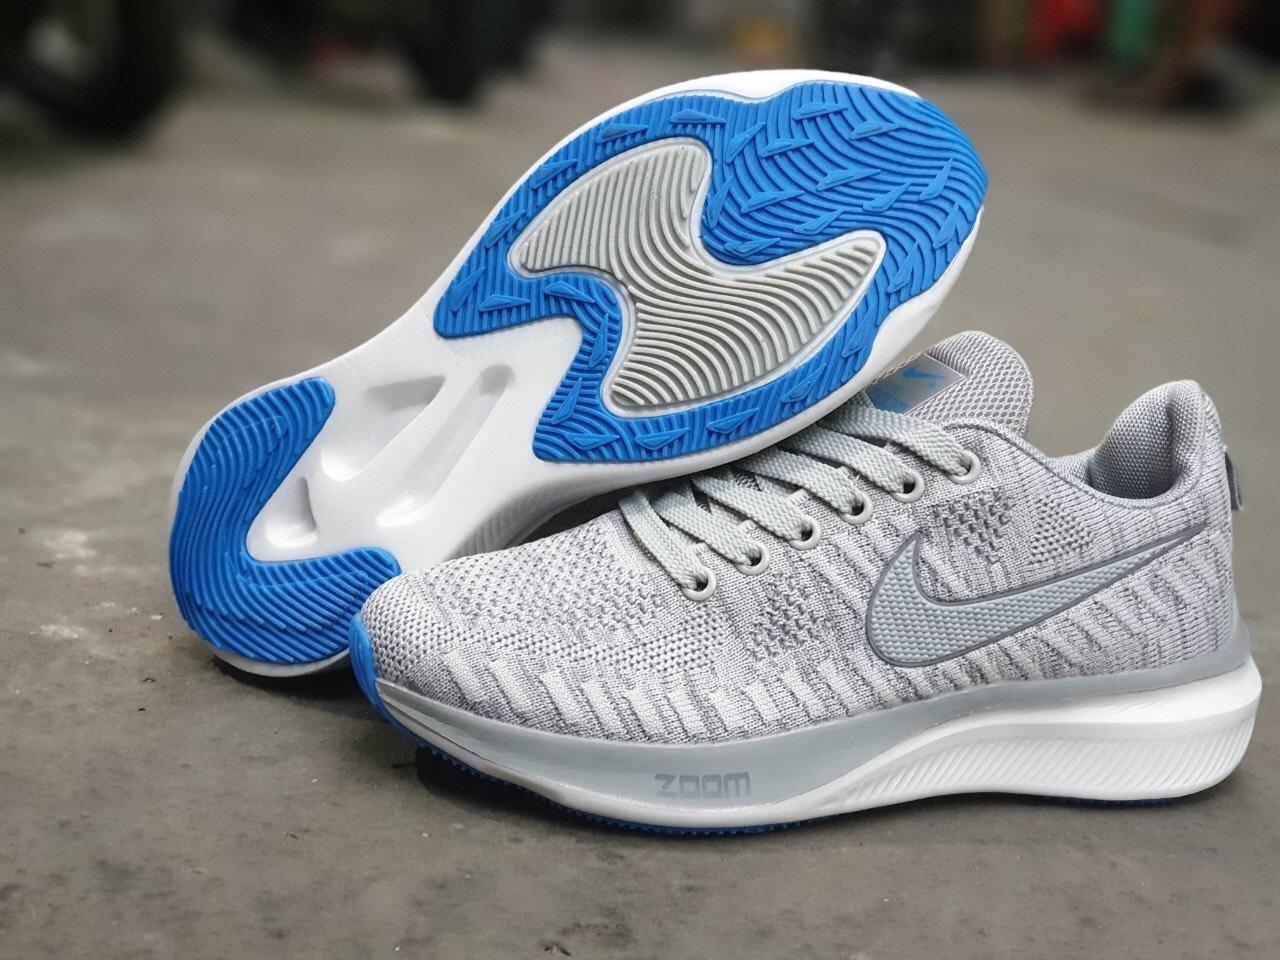 Giày Nike Zoom F12 màu xám